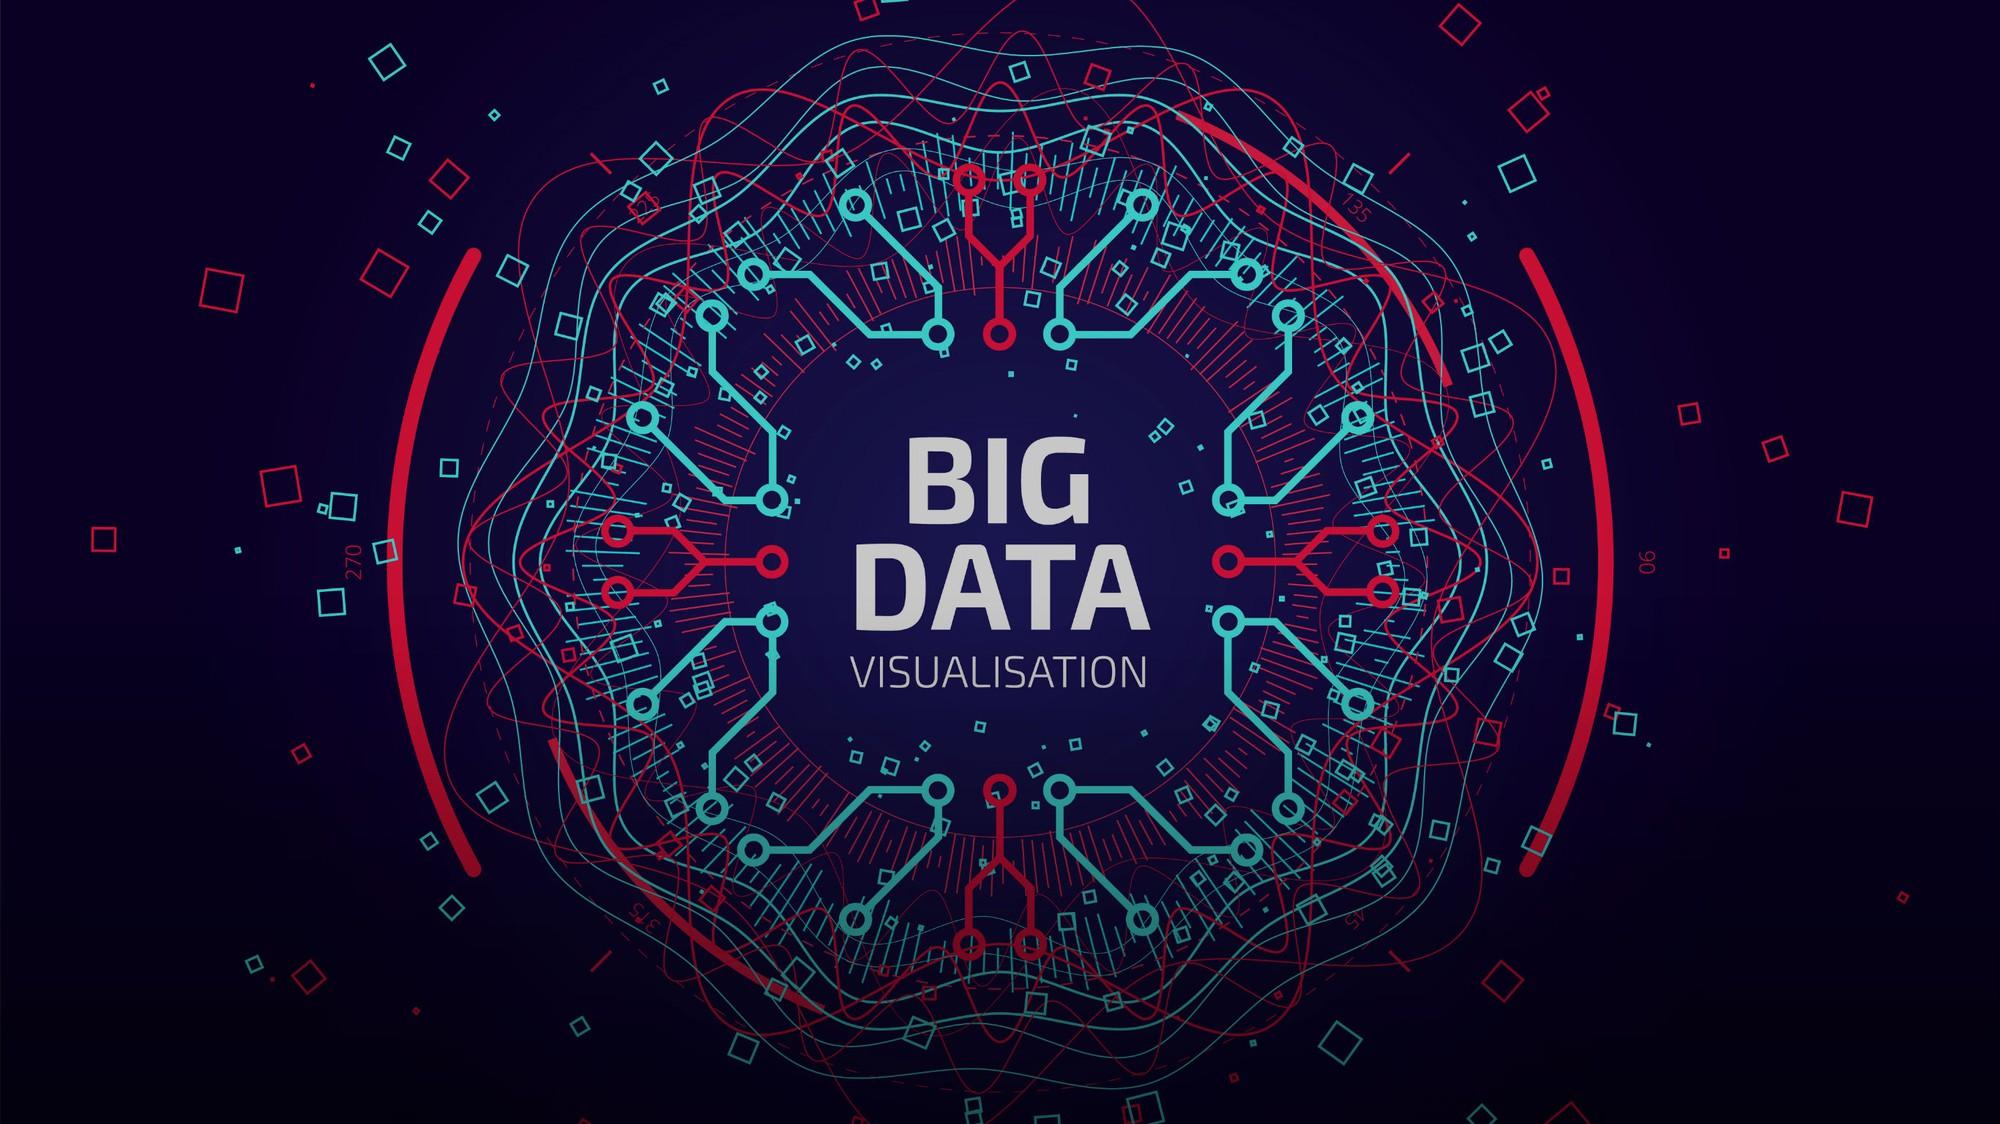 Báo chí dữ liệu: Những xu hướng cần theo đuổi